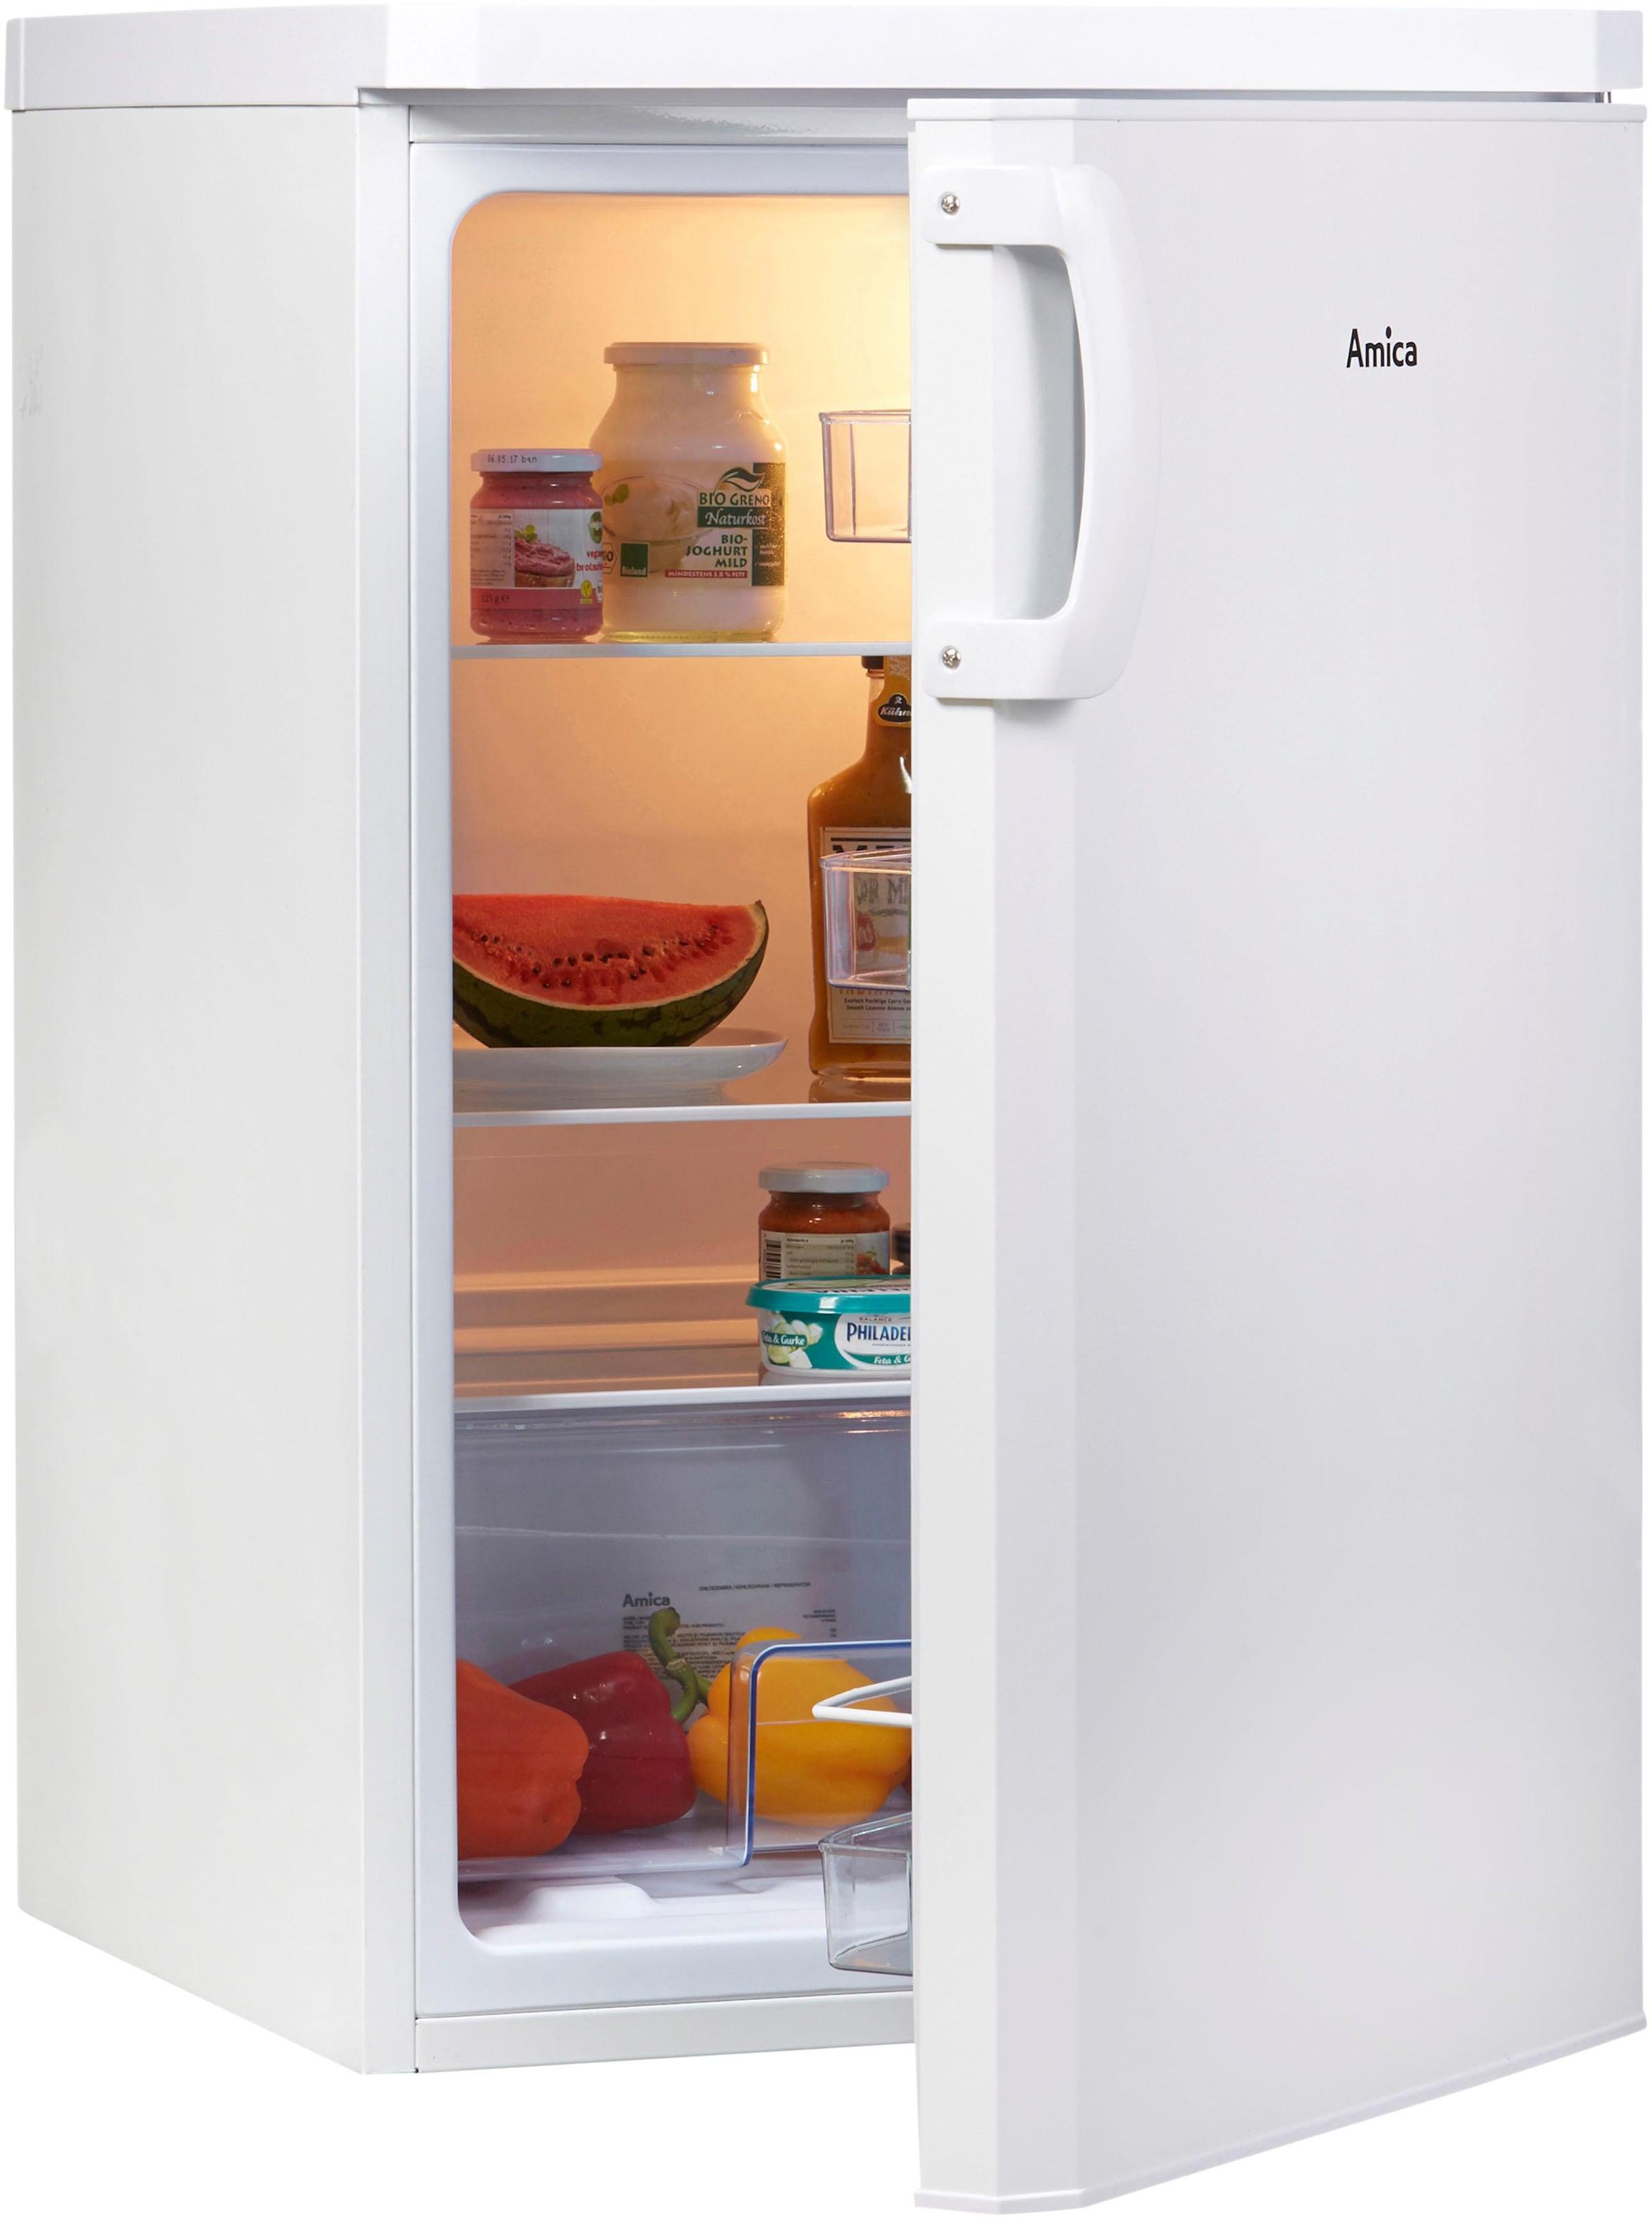 Amica Kühlschrank Uks 16157 Test : Amica kühlschrank schwarz kühlschrank modelle